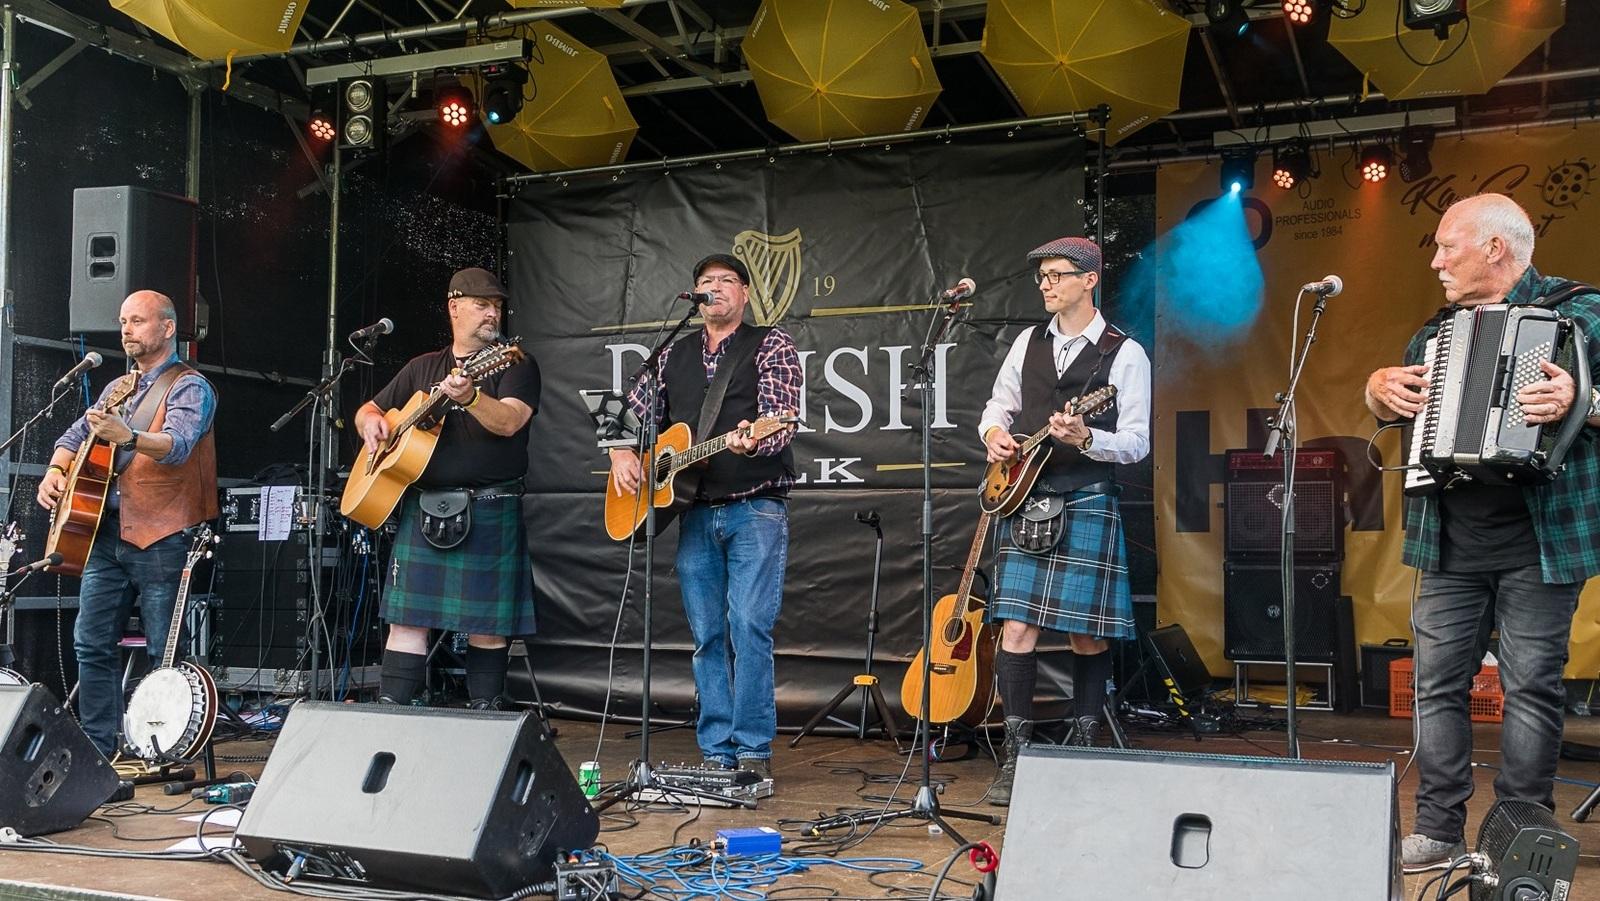 D'irish Folk